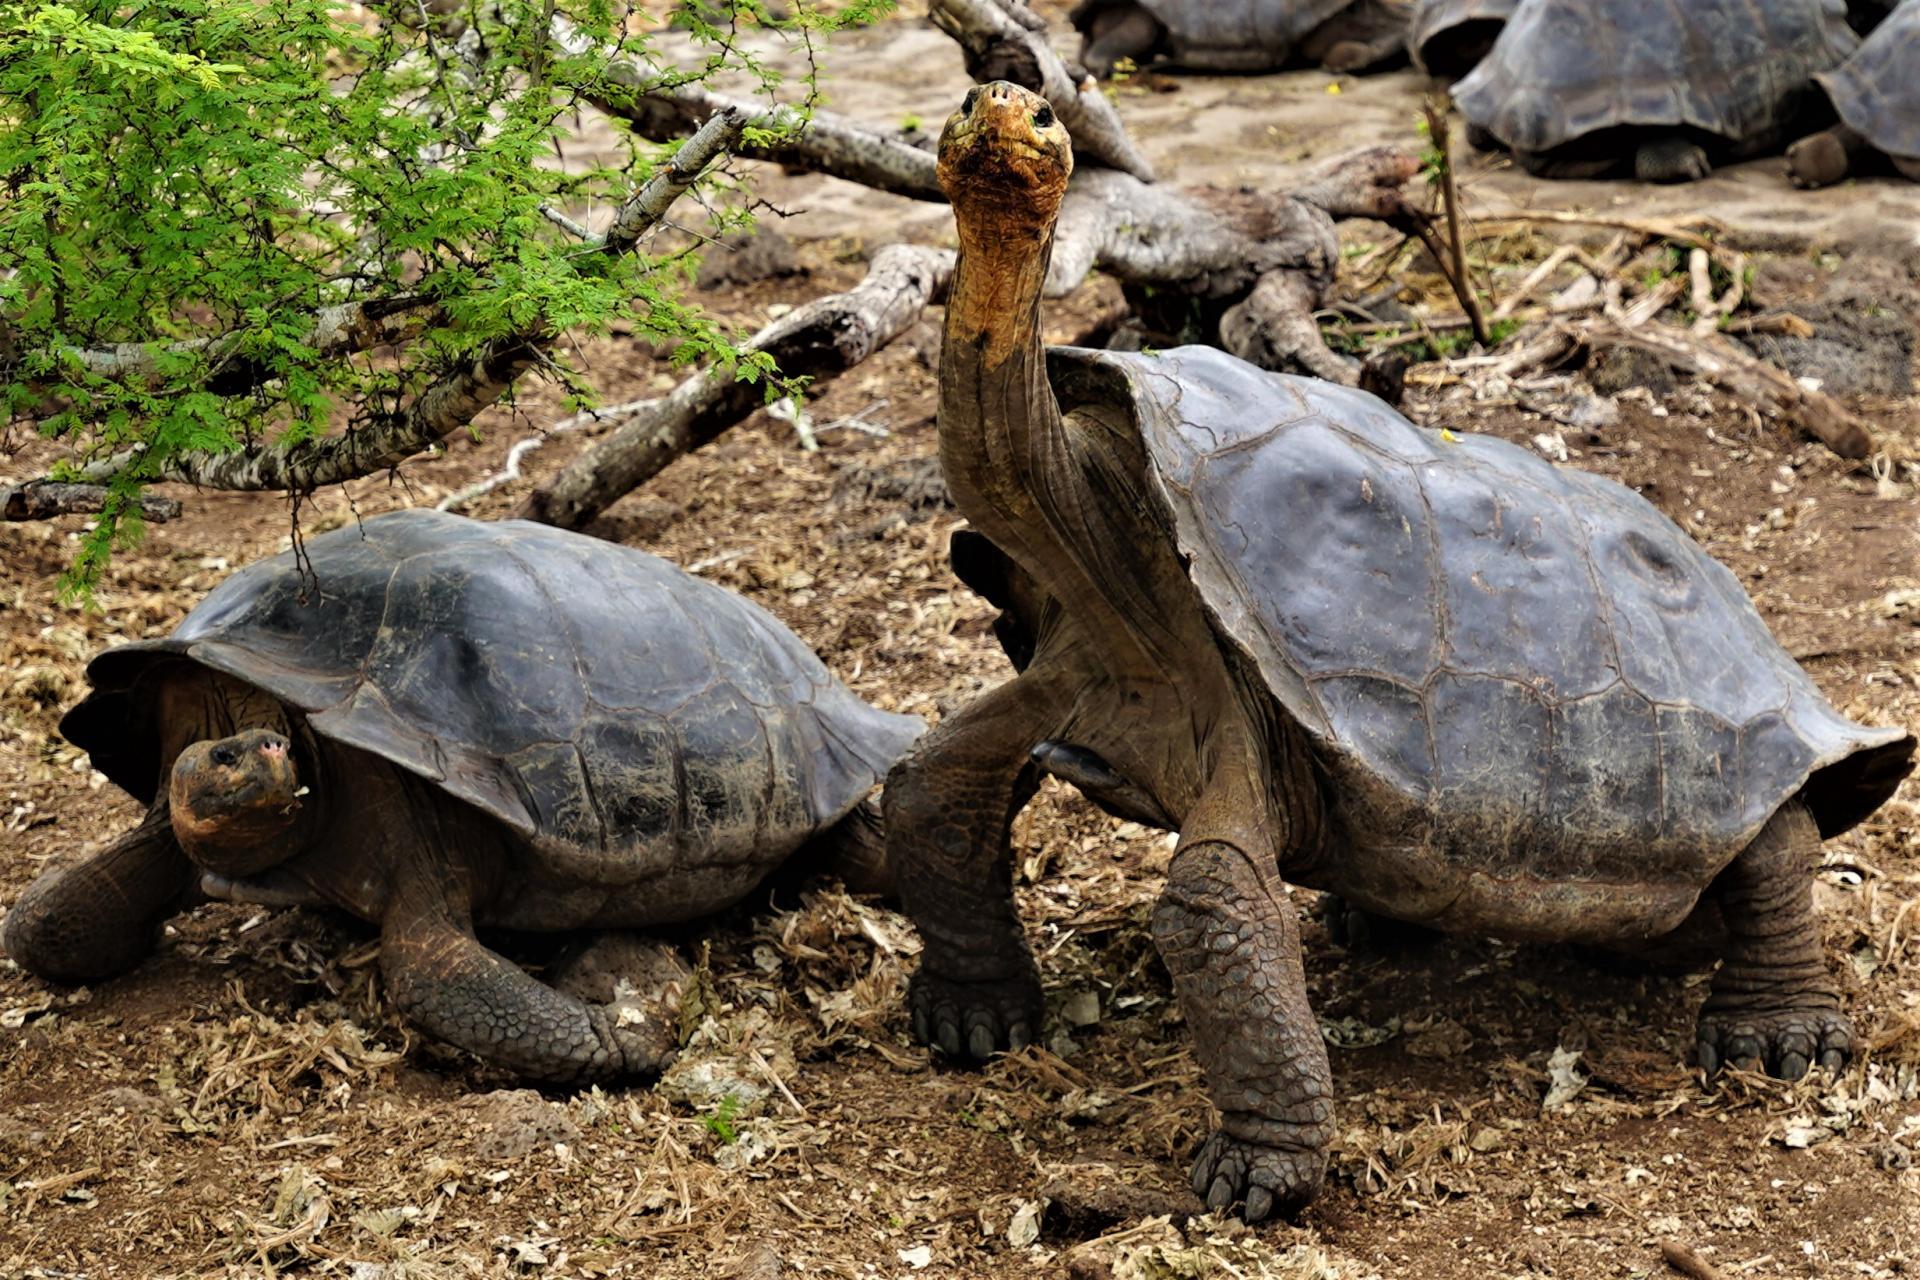 Charles Darwin Research Station: Galapagos Land Tortoise